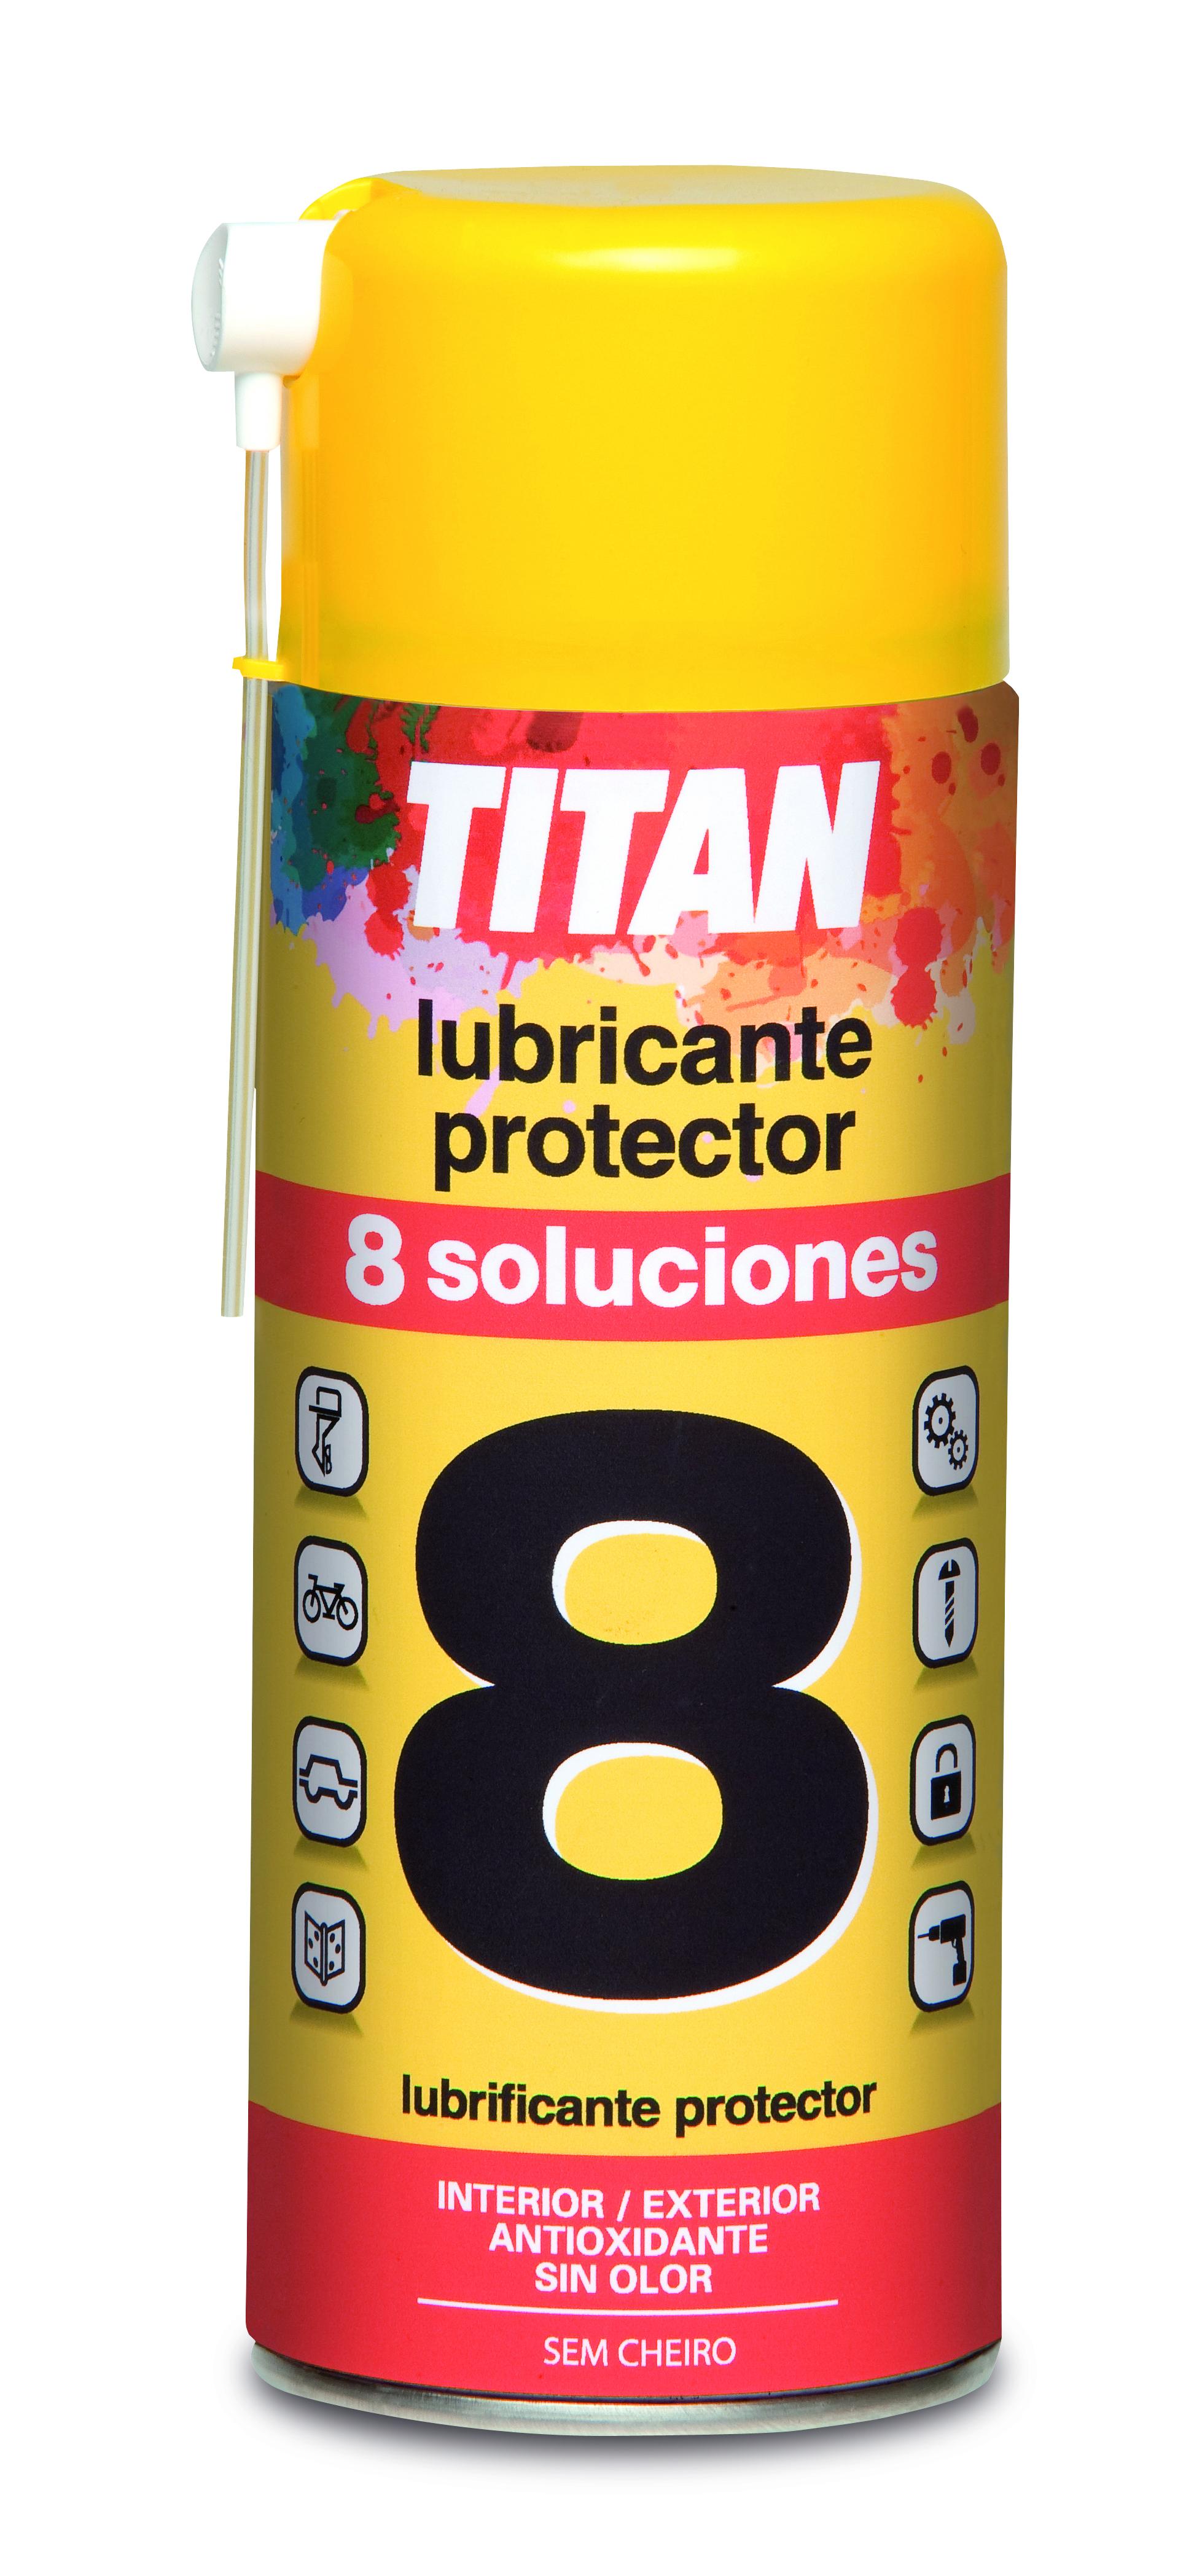 TITAN 8 SOLUCIONES